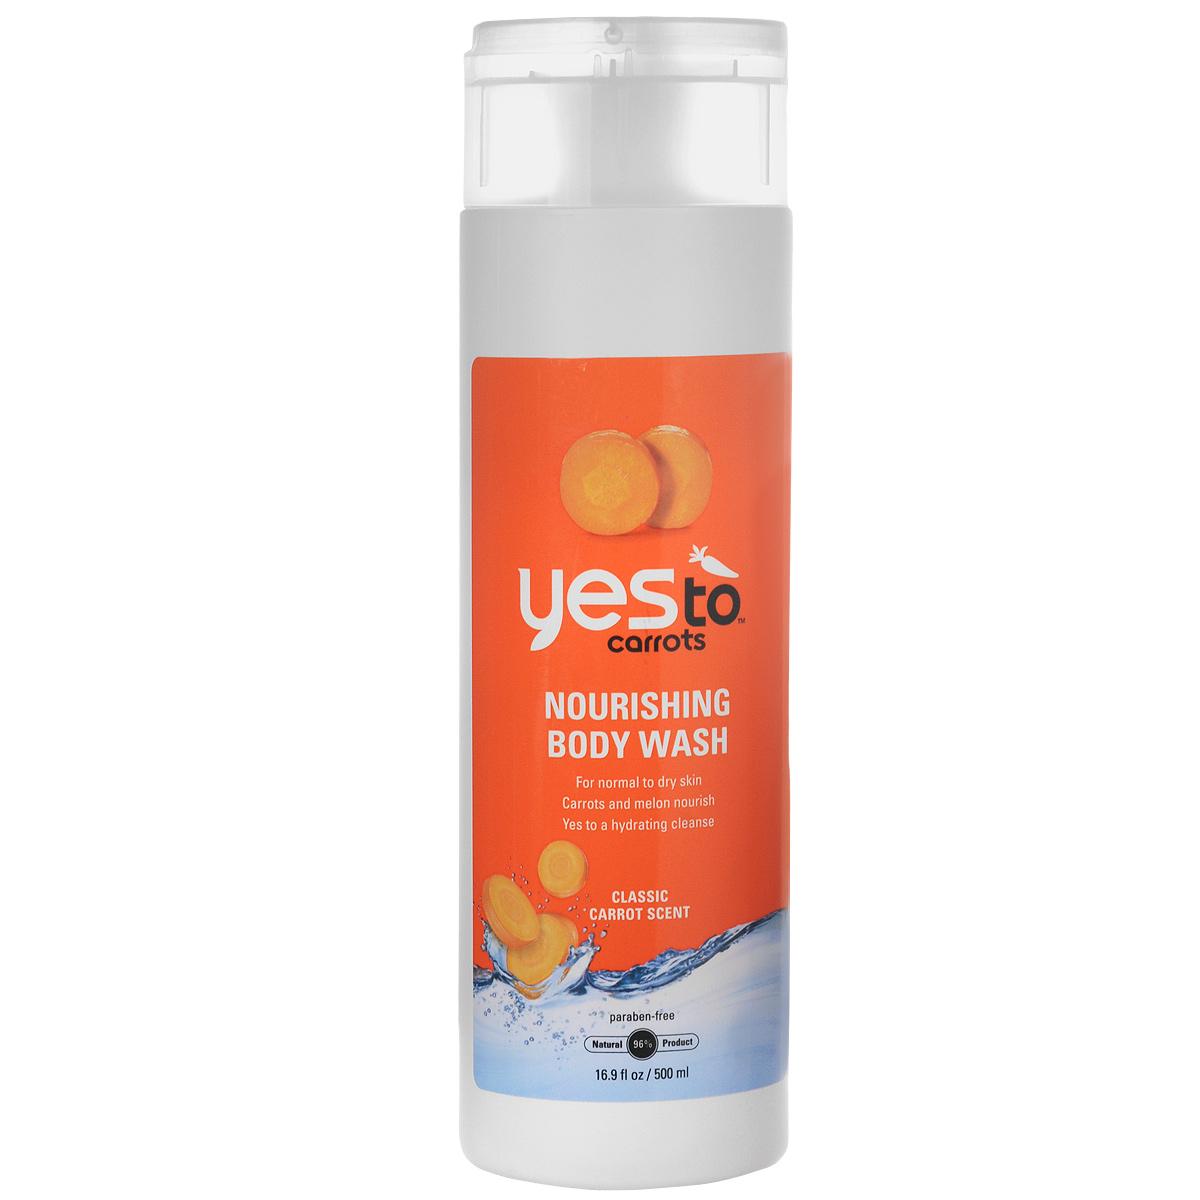 Yes To Морковный гель для душа, для нормальной и сухой кожи, 500 мл1411009Обогащенный минералами и грязью Мертвого моря гель Морковный дождь очищает, питает и пробуждает кожу, обеспечивая ей идеальный баланс и гладкость! Продукты марки Yes To Carrots созданы на основе морской грязи, минералов и экологически чистых фруктов и овощей, не содержат парабен. Нашему организму достаточно сложно восстанавливаться от воздействия солнечных лучей и загрязненного воздуха. Морковь, цитрусовые и овощи содержат бета-каротин, хорошо известный своими антиоксидантными свойствами. Уникальные формулы продуктов на основе бета-керотина и минералов способствуют естественному процессу защиты от воздействия солнечных лучей и загрязненного воздуха и дарят вам сияние. Характеристики: Объем: 500 мл. Производитель: Израиль. Товар сертифицирован.